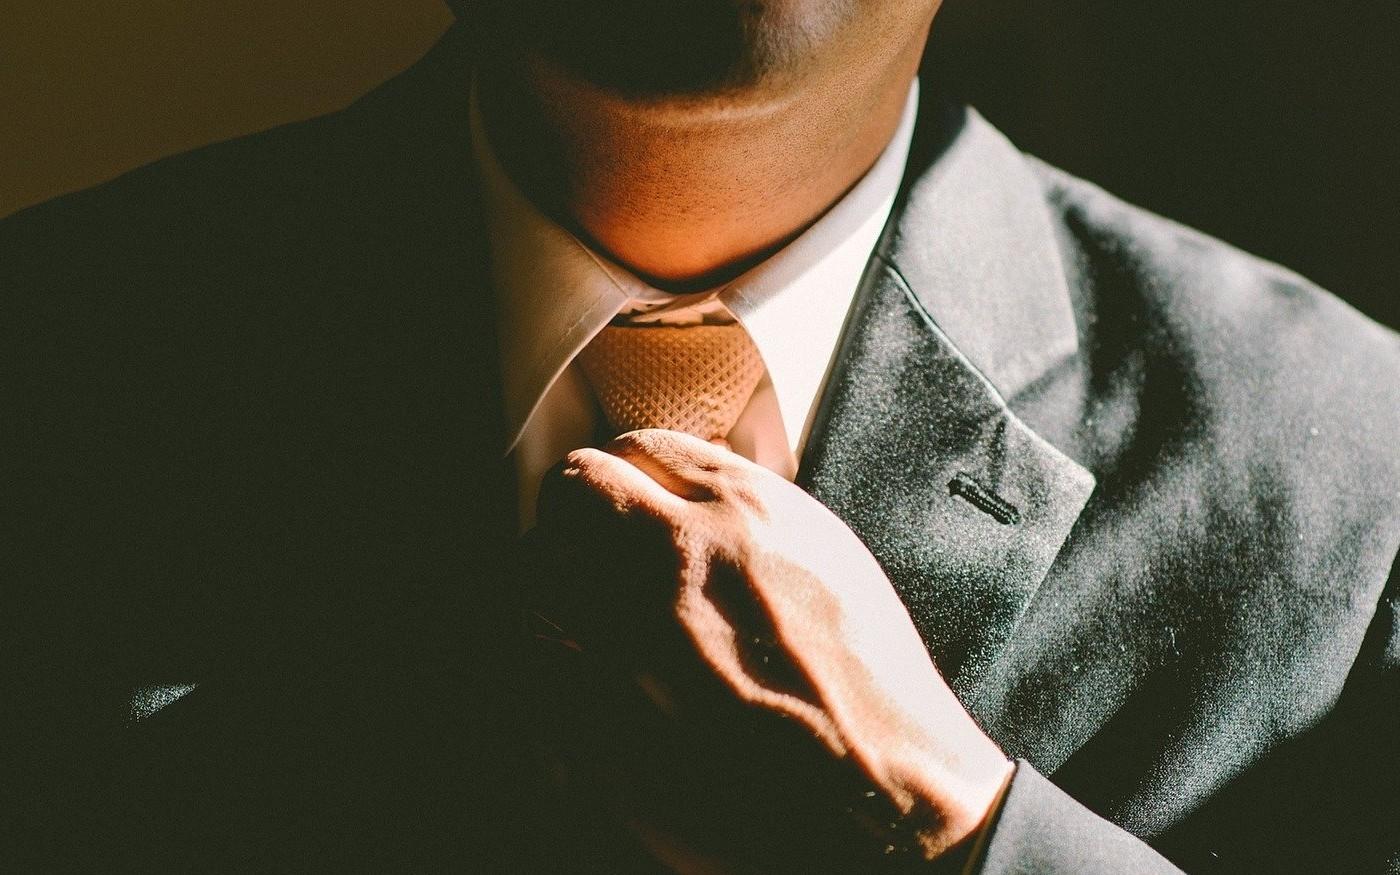 Man tightens neck tie before starting work